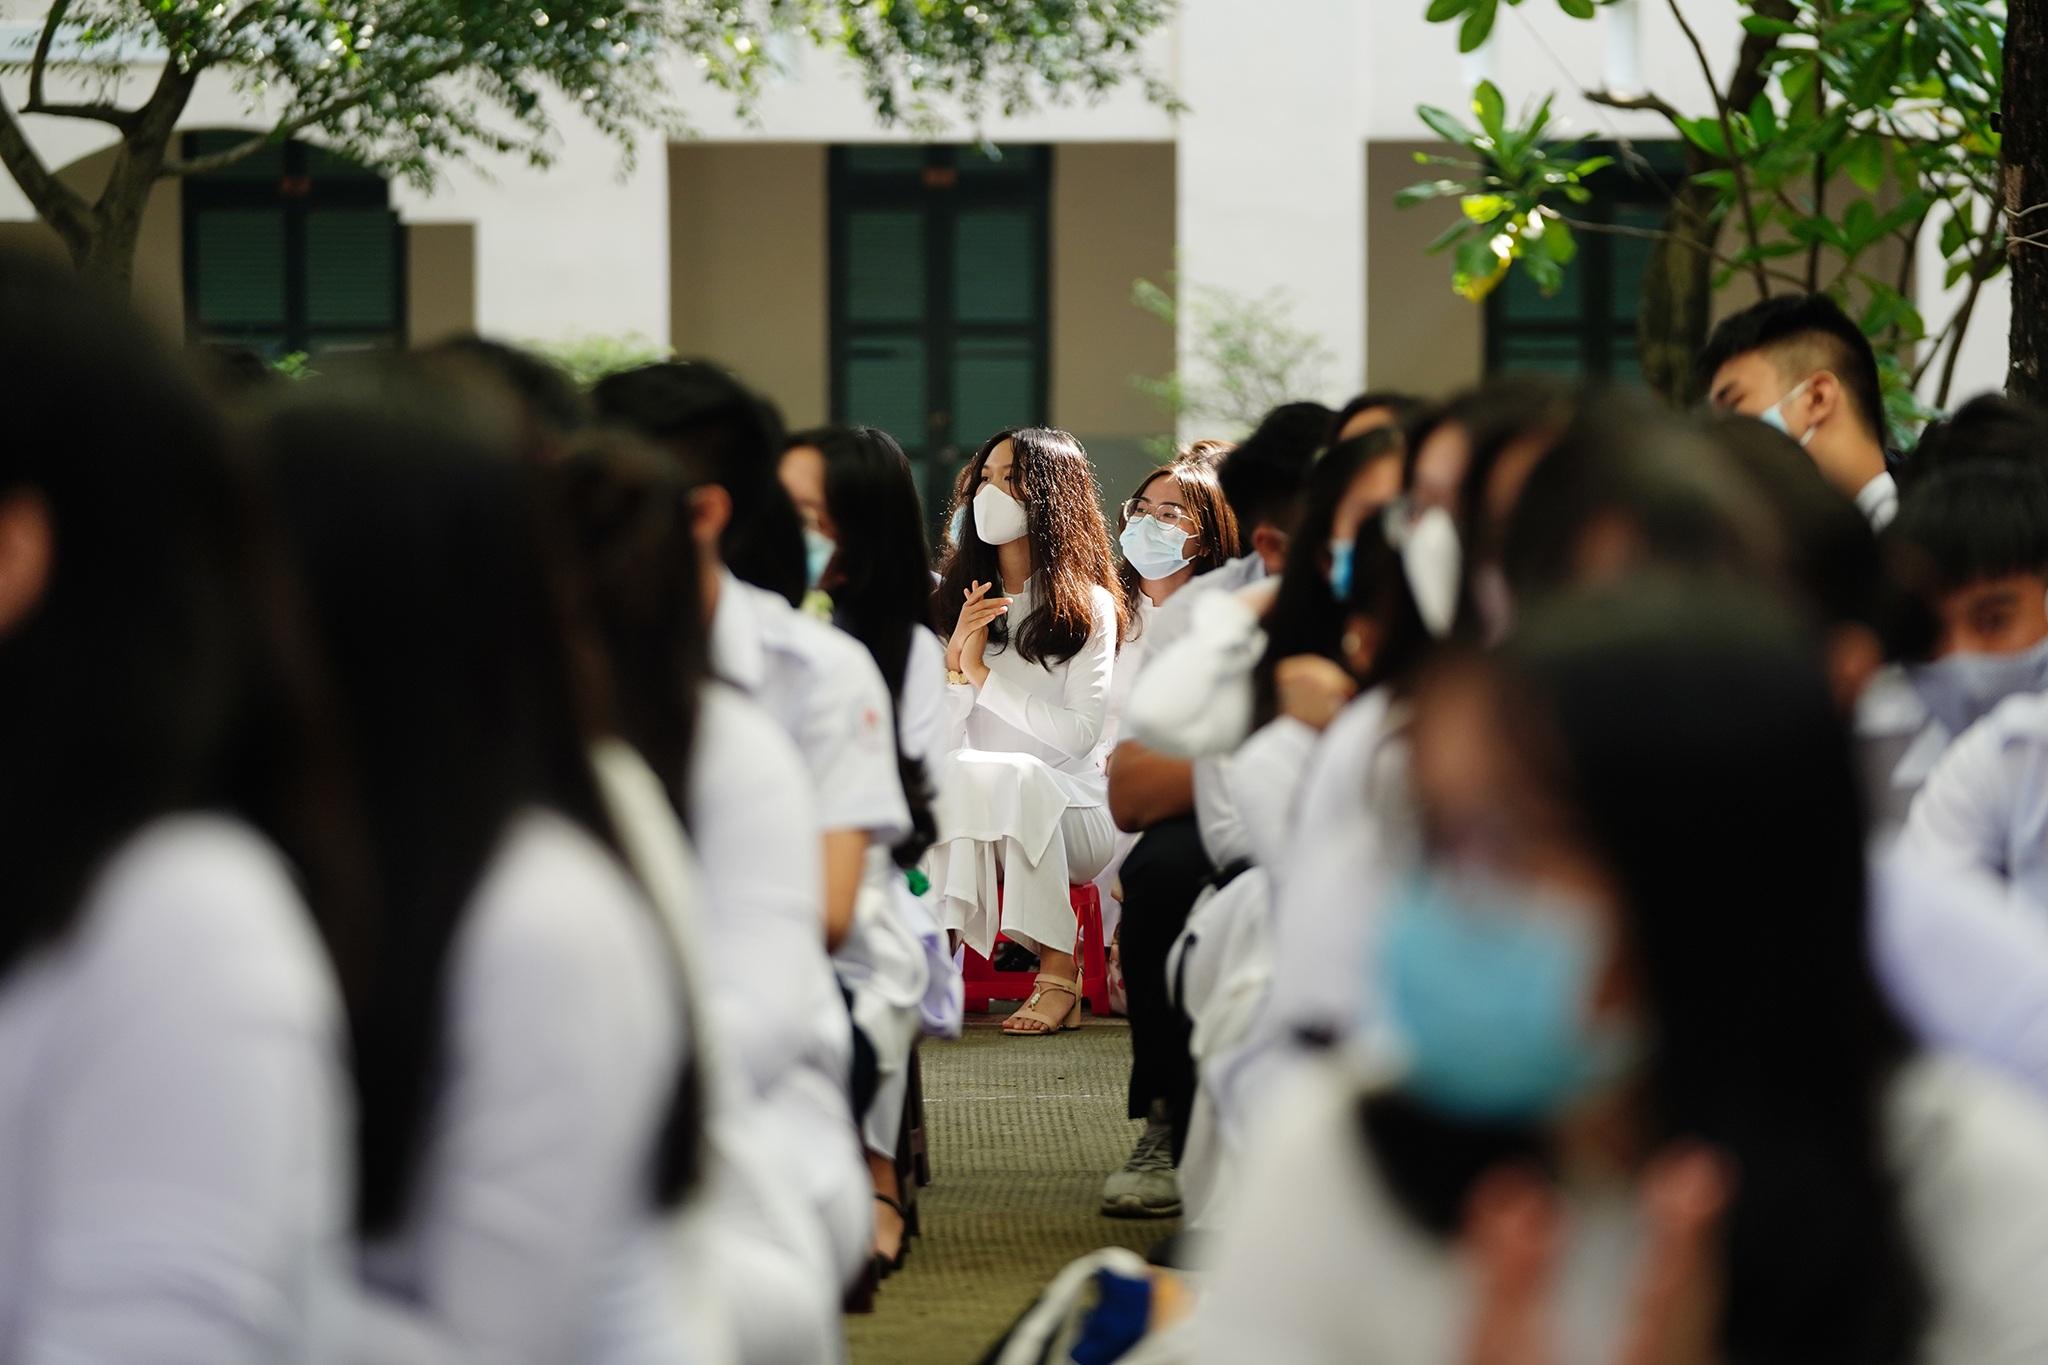 Phó Chủ tịch nước dự khai giảng tại ngôi trường 146 tuổi - 11